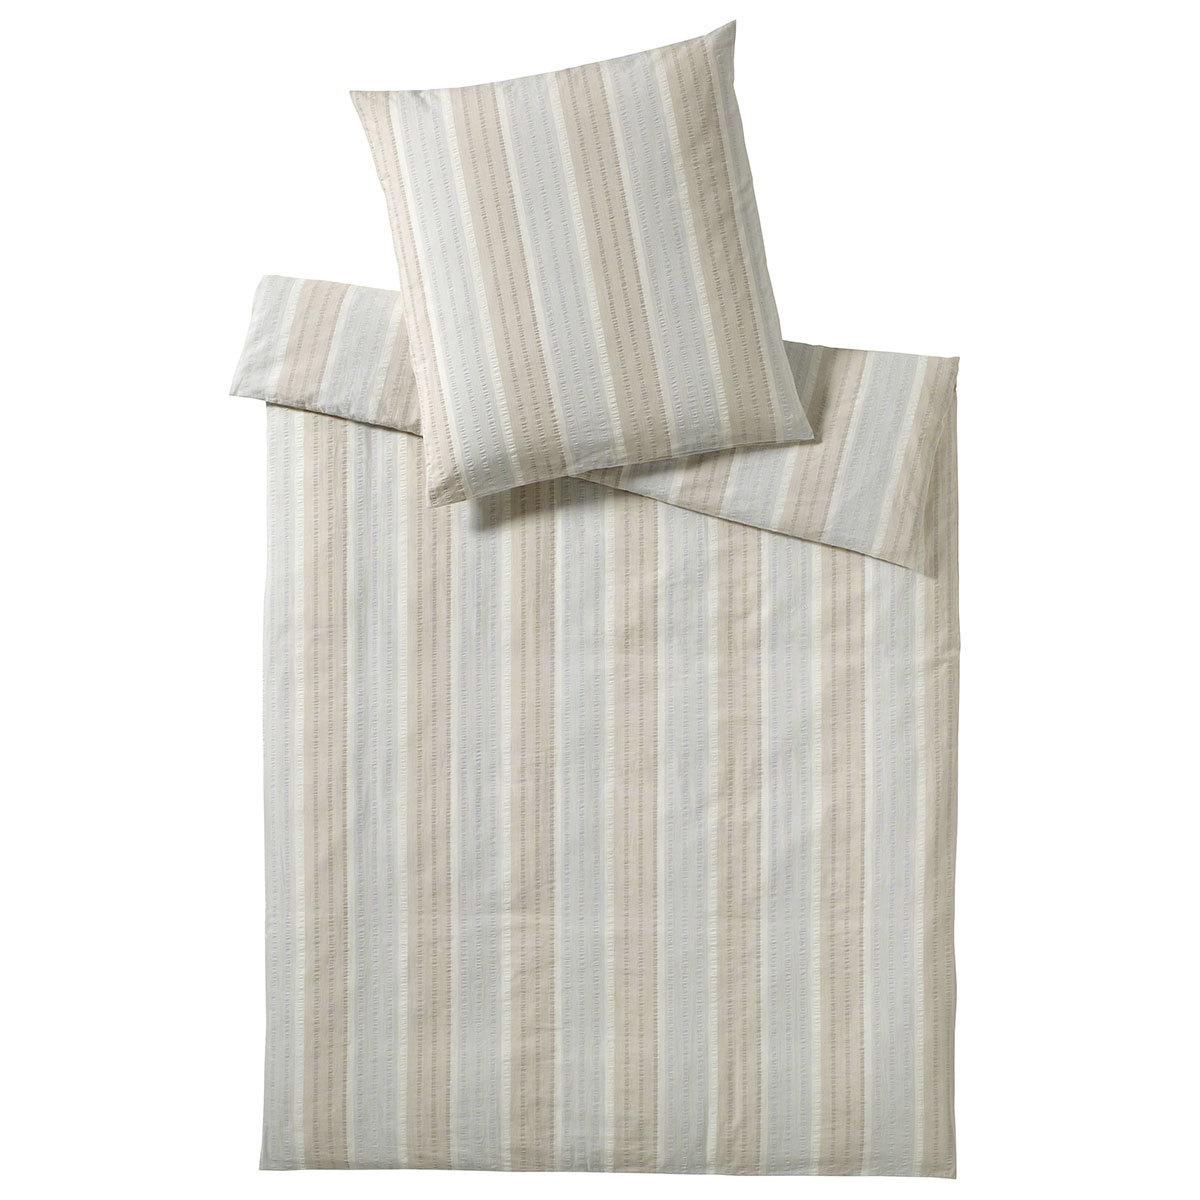 elegante seersucker bettw sche richmond sand g nstig online kaufen bei bettwaren shop. Black Bedroom Furniture Sets. Home Design Ideas